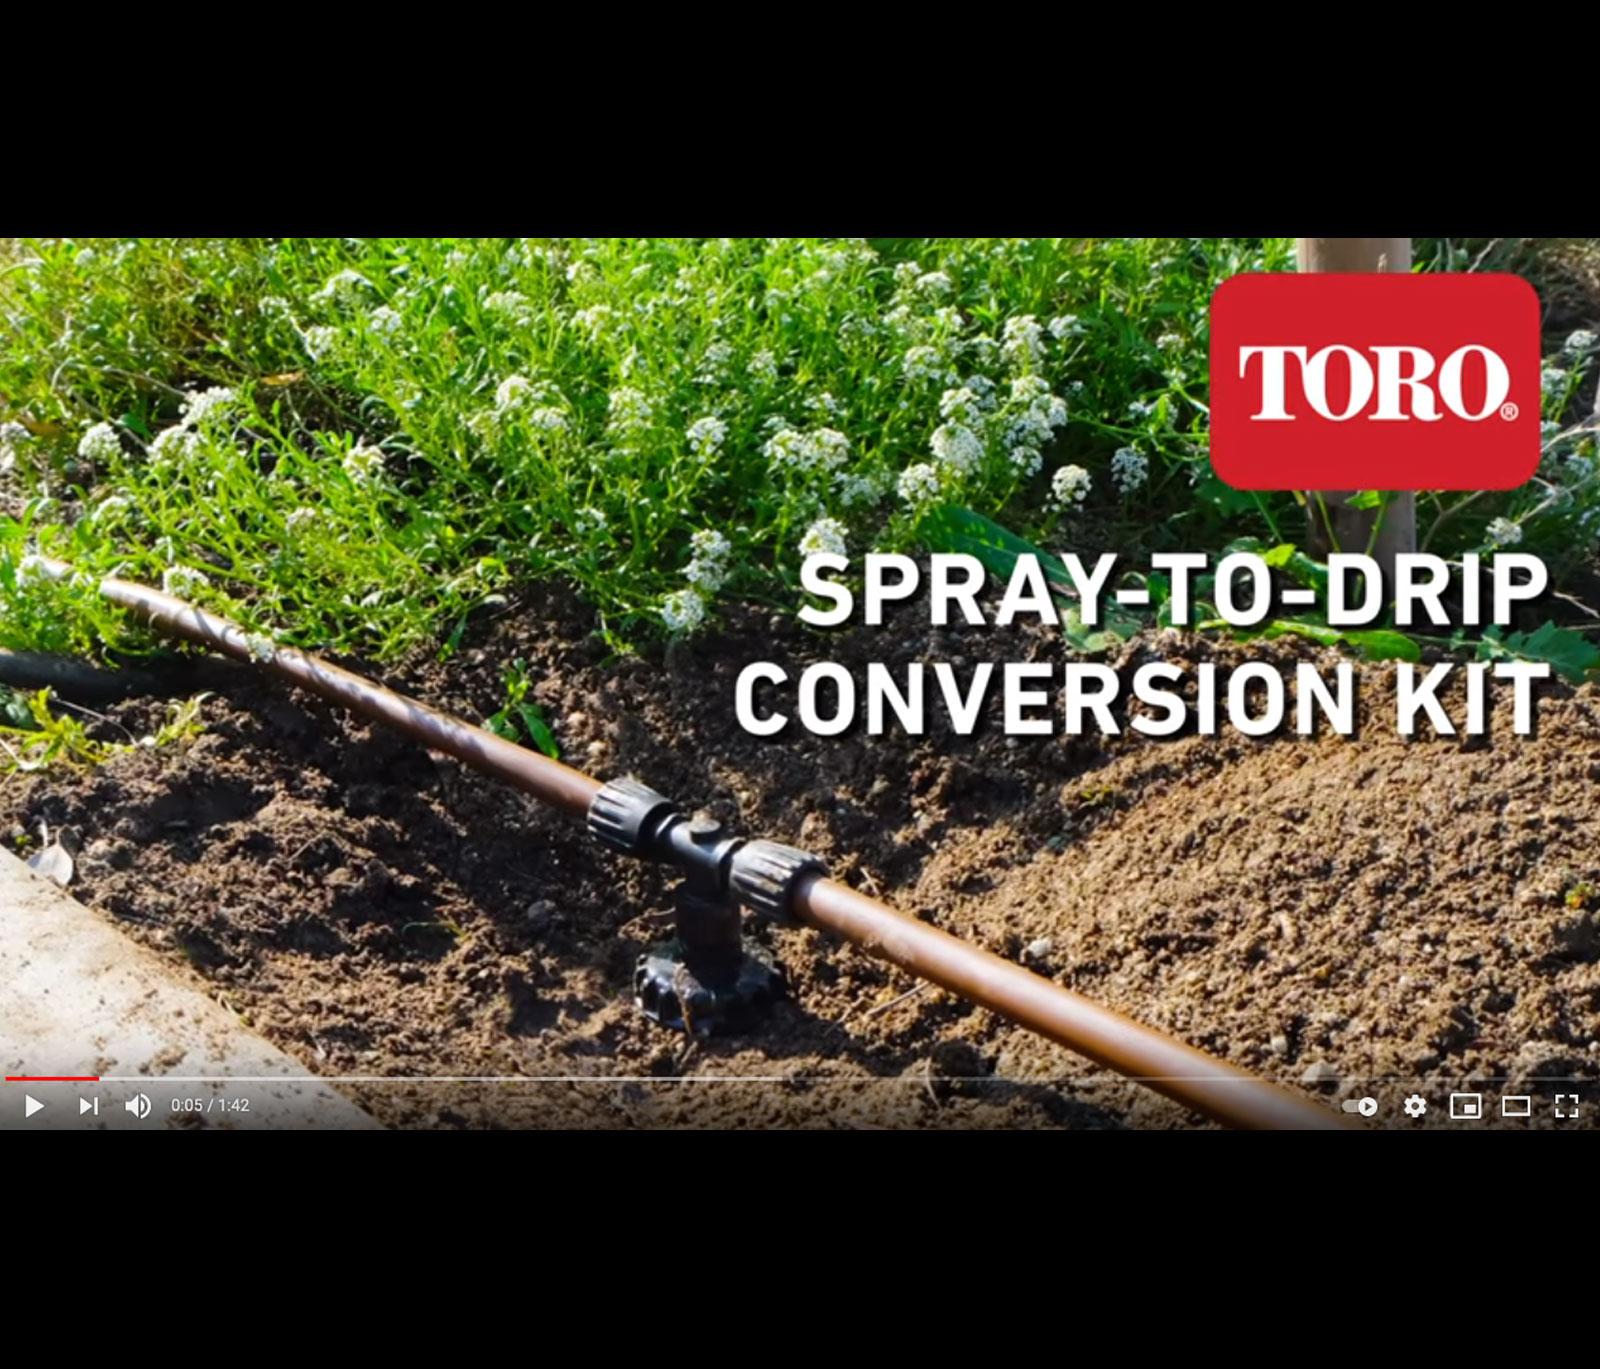 Spray-to-Drip Conversion Kit